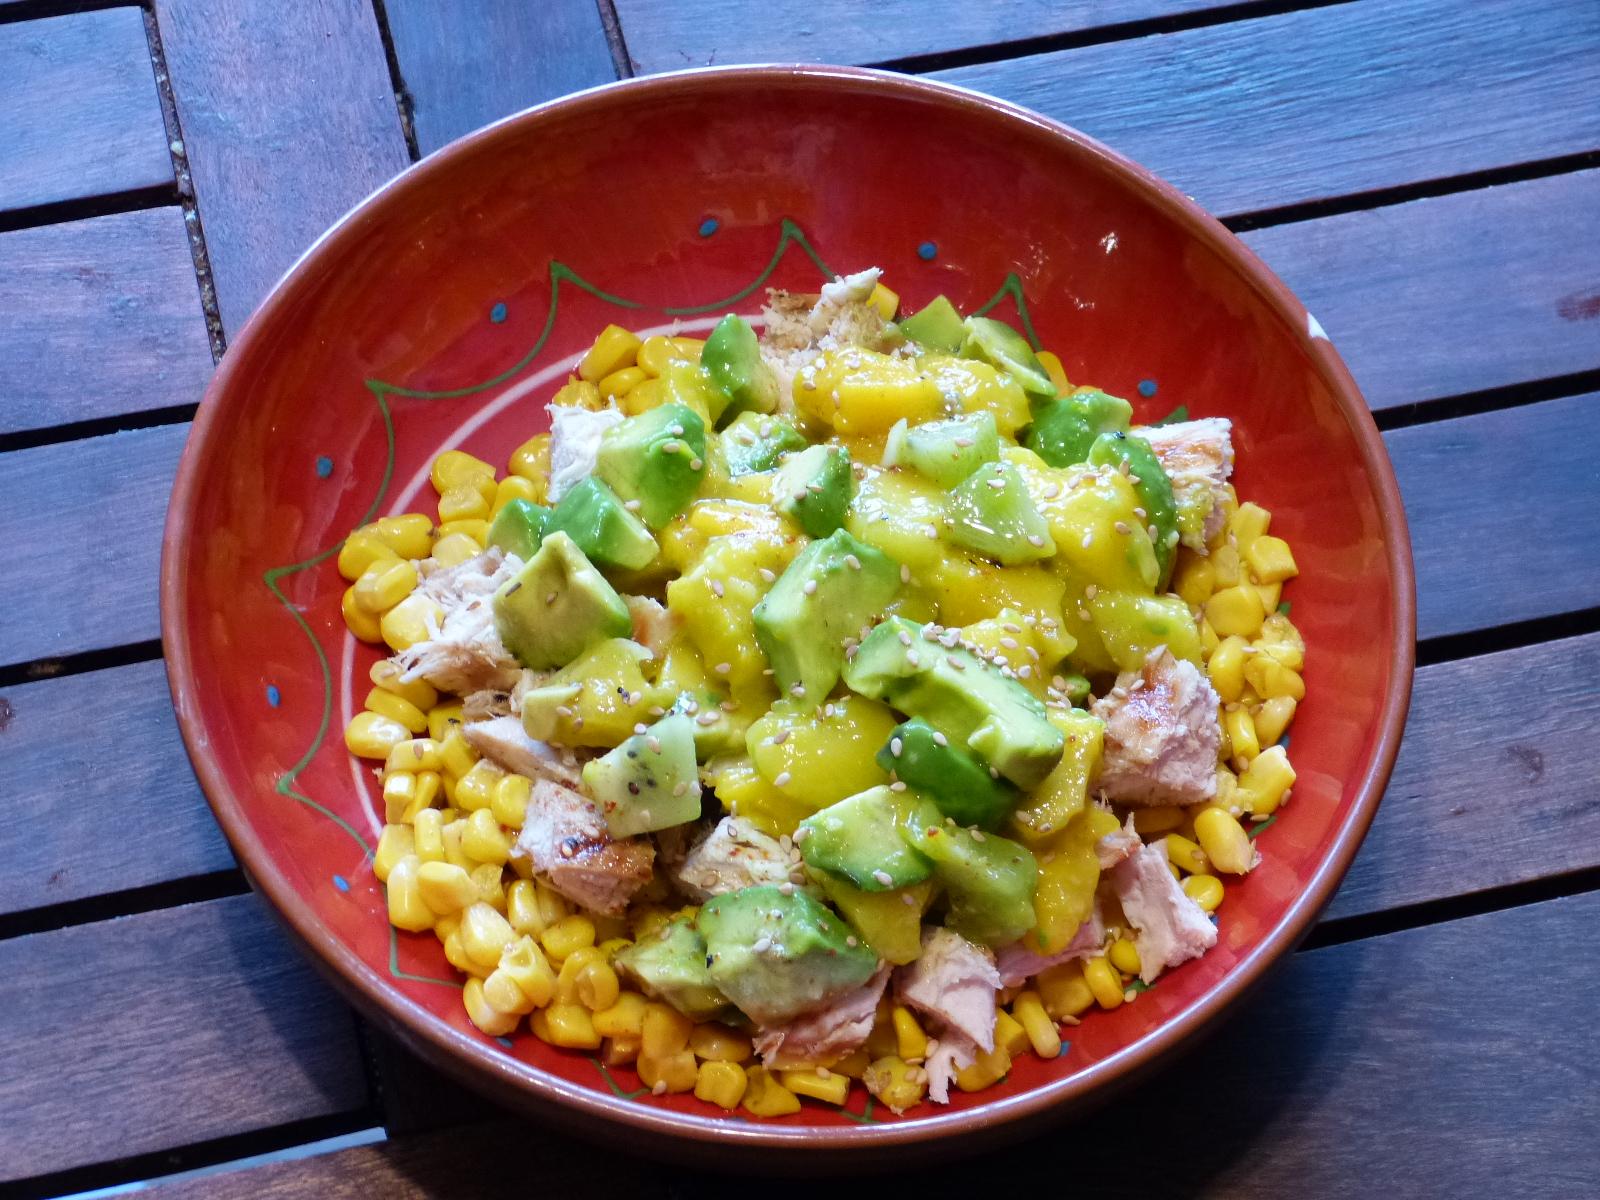 Une délicieuse salade de poulet aux mangues et avocats